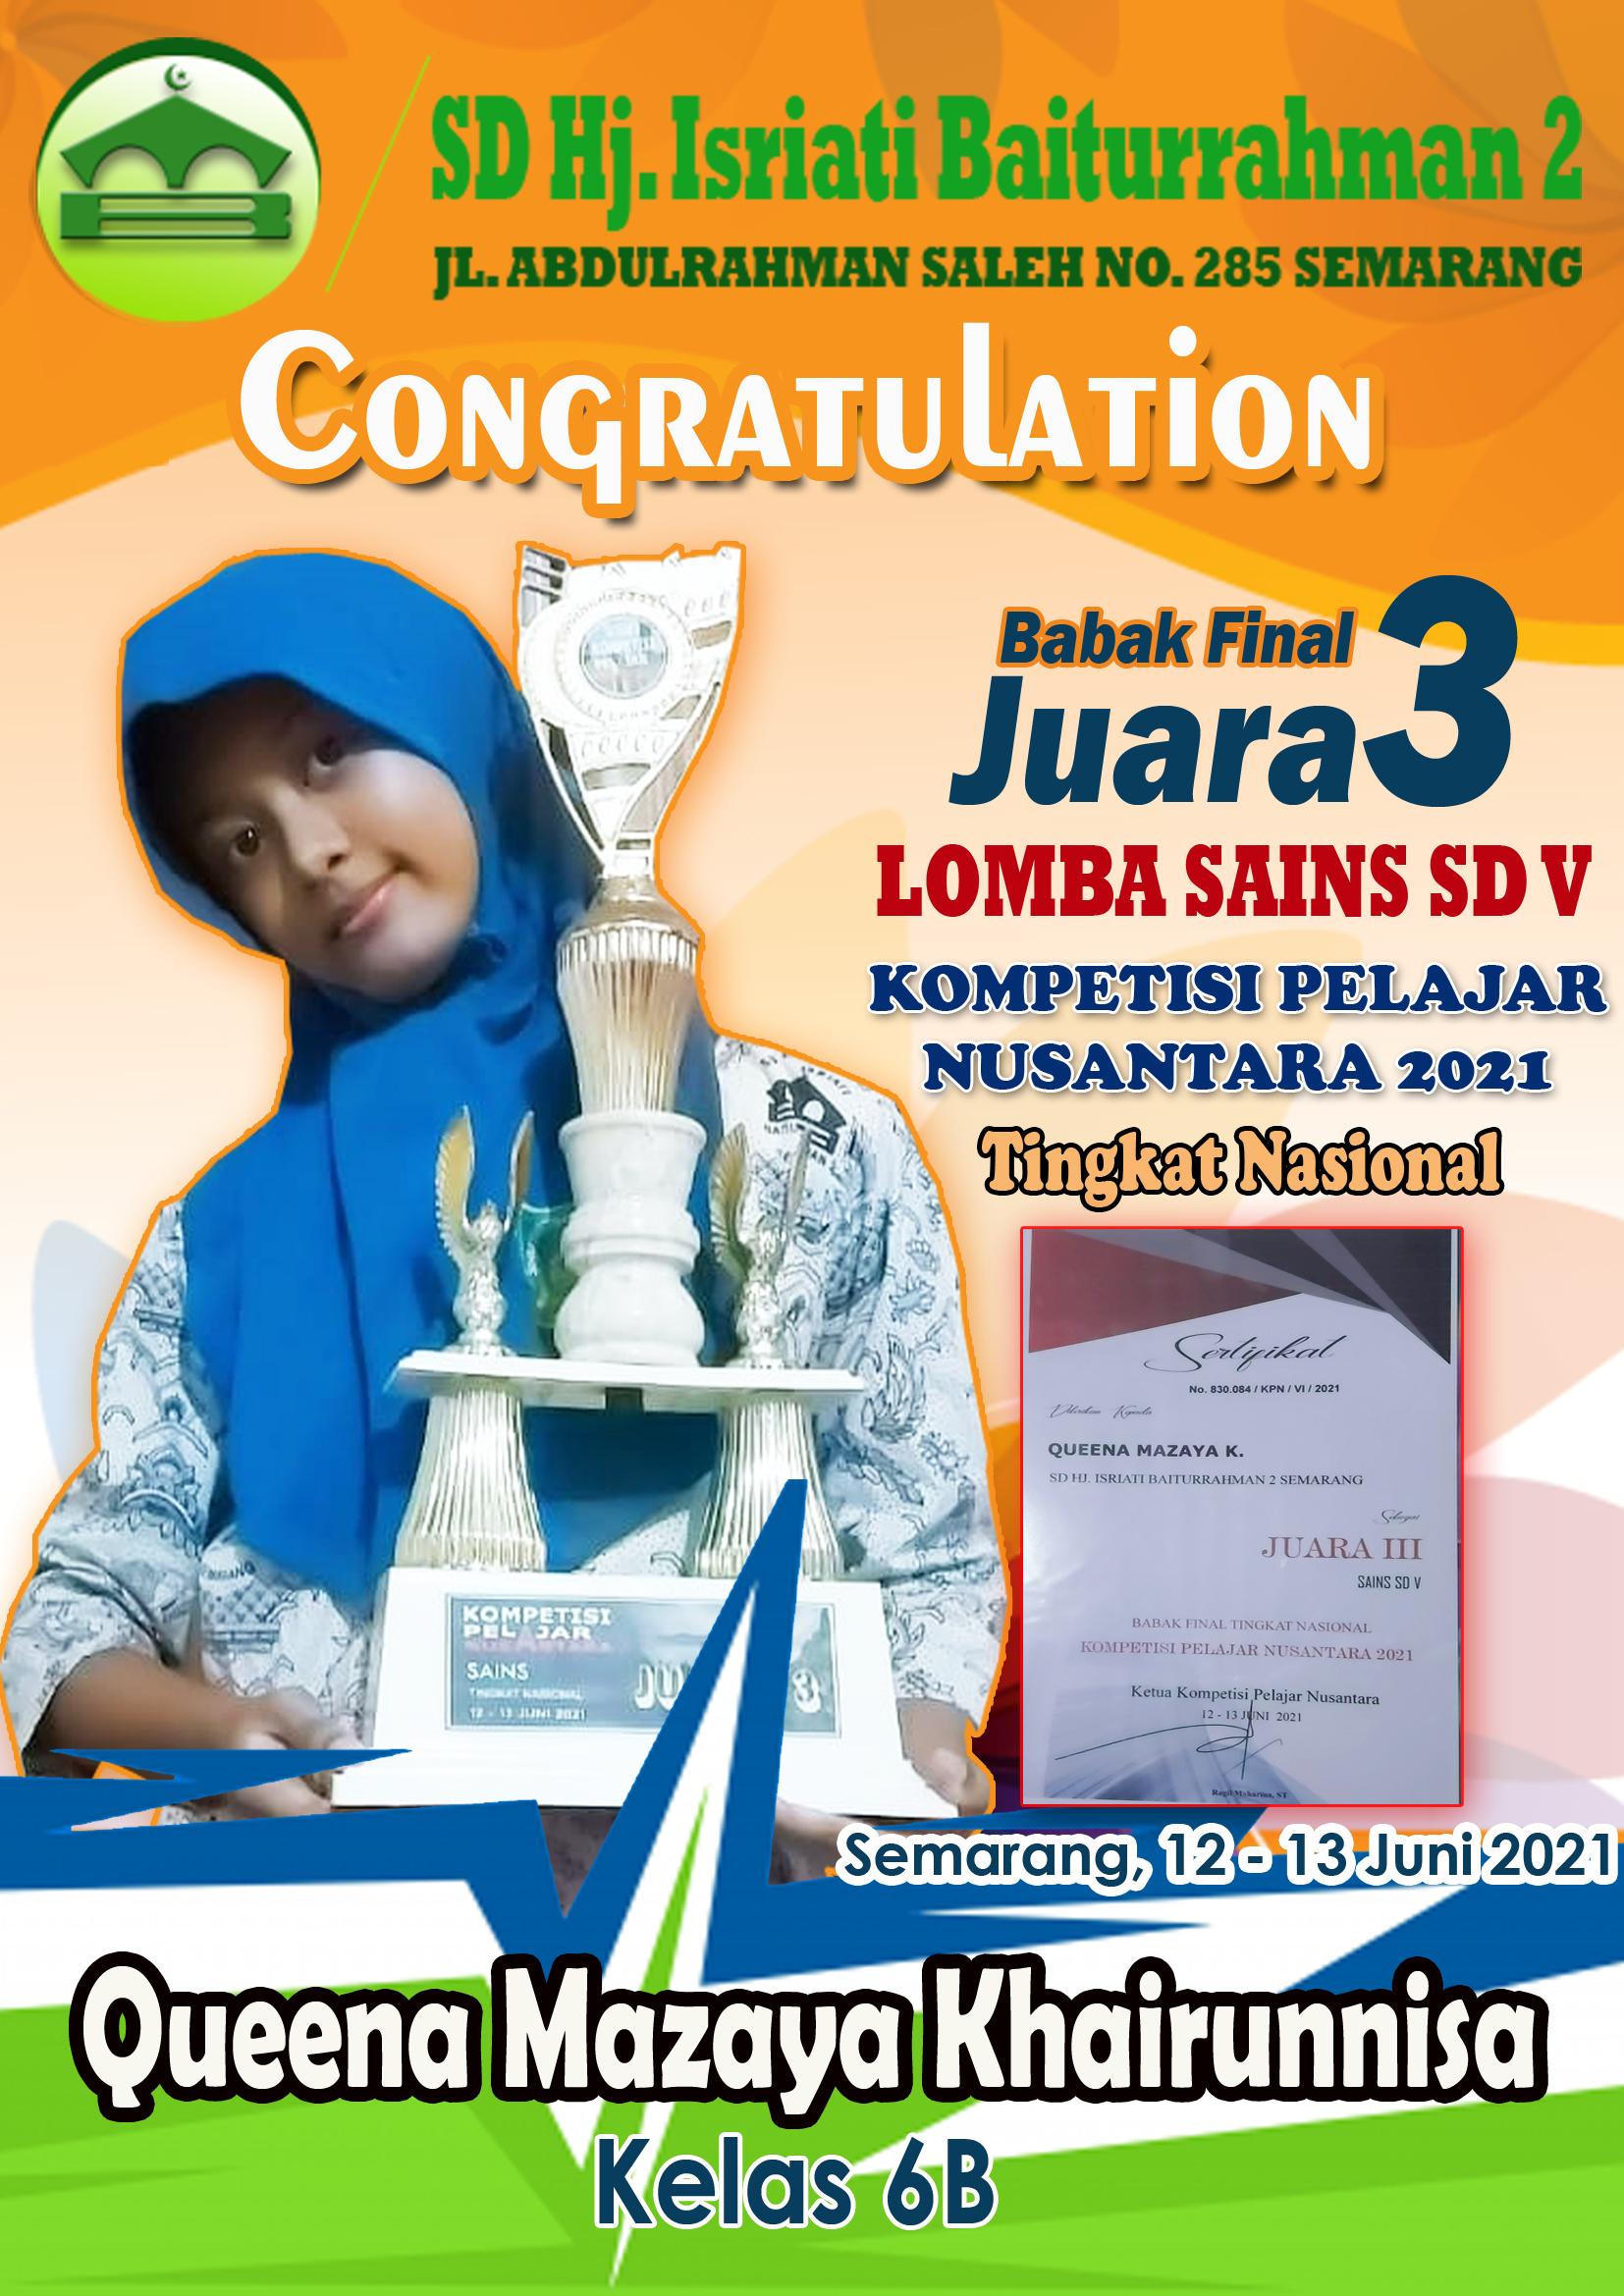 Juara III Final Lomba Sains SD V Kompetisi Pelajar Nusantara Tk. Nasional